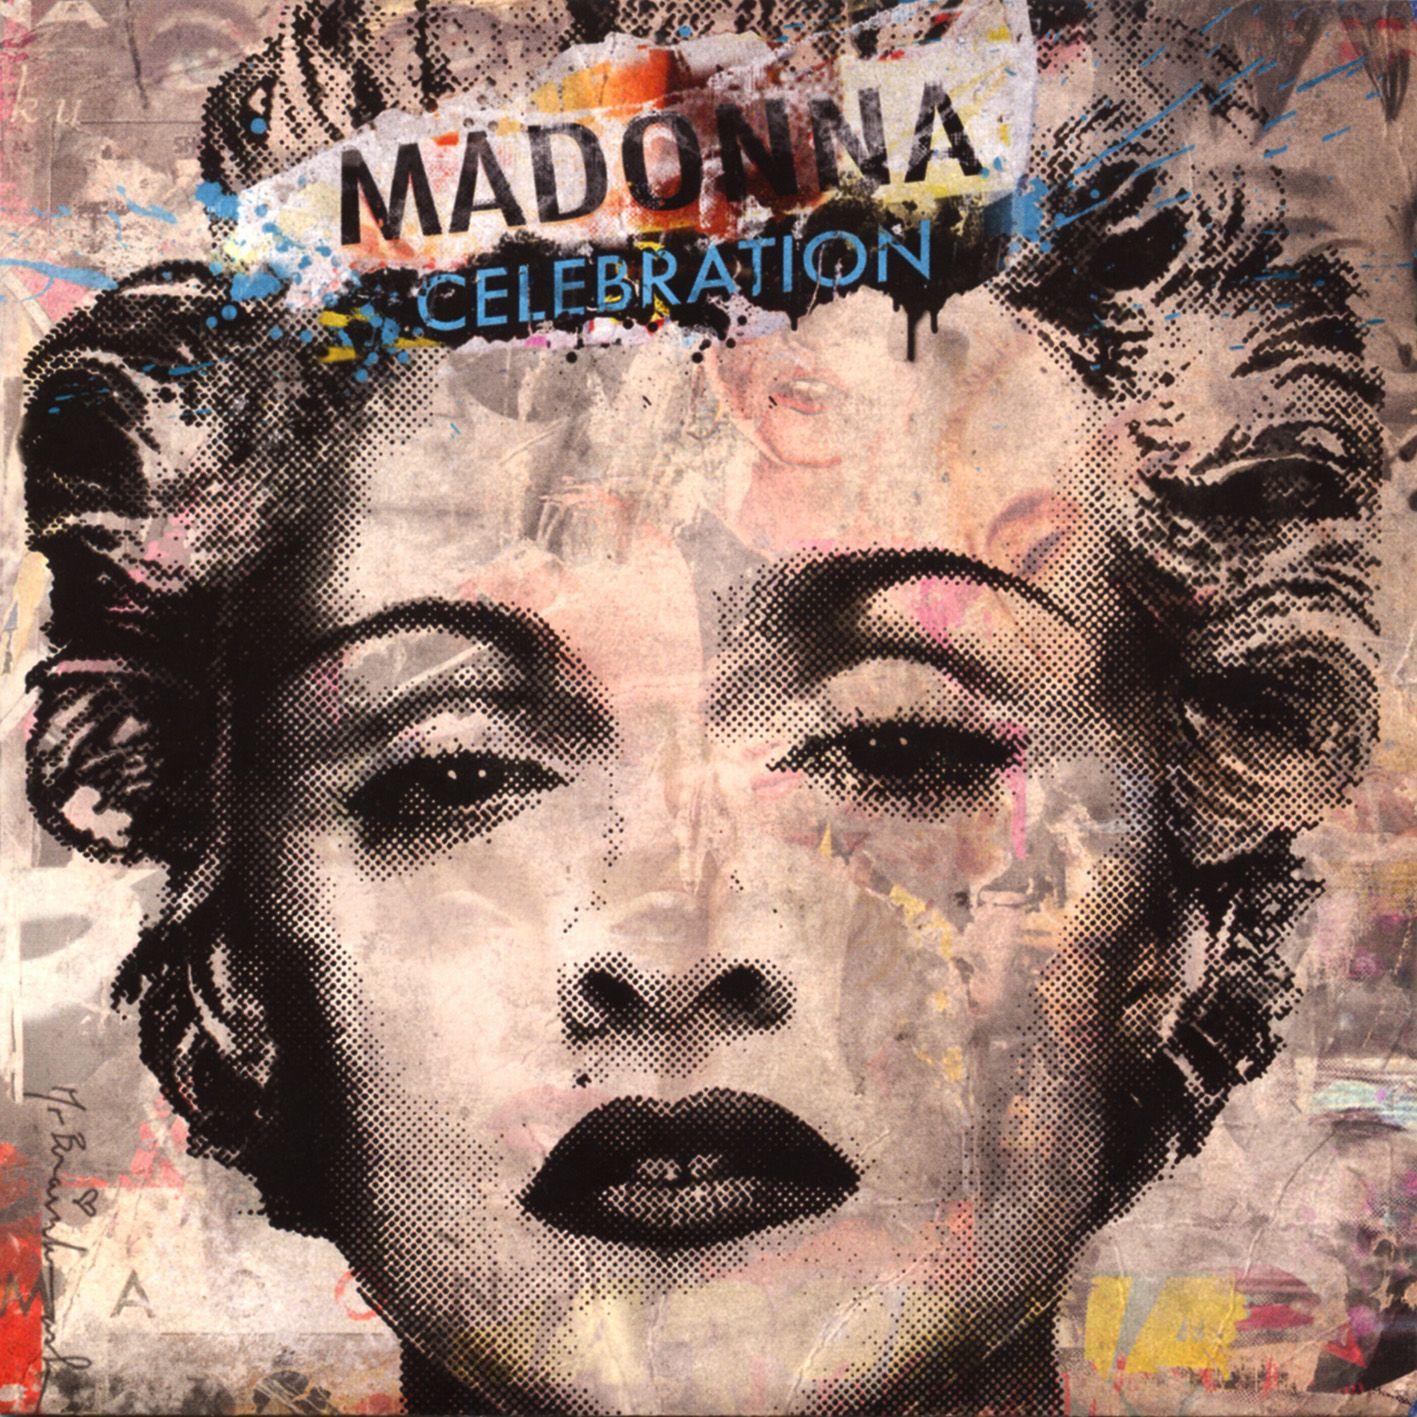 Madonna - Celebration album cover